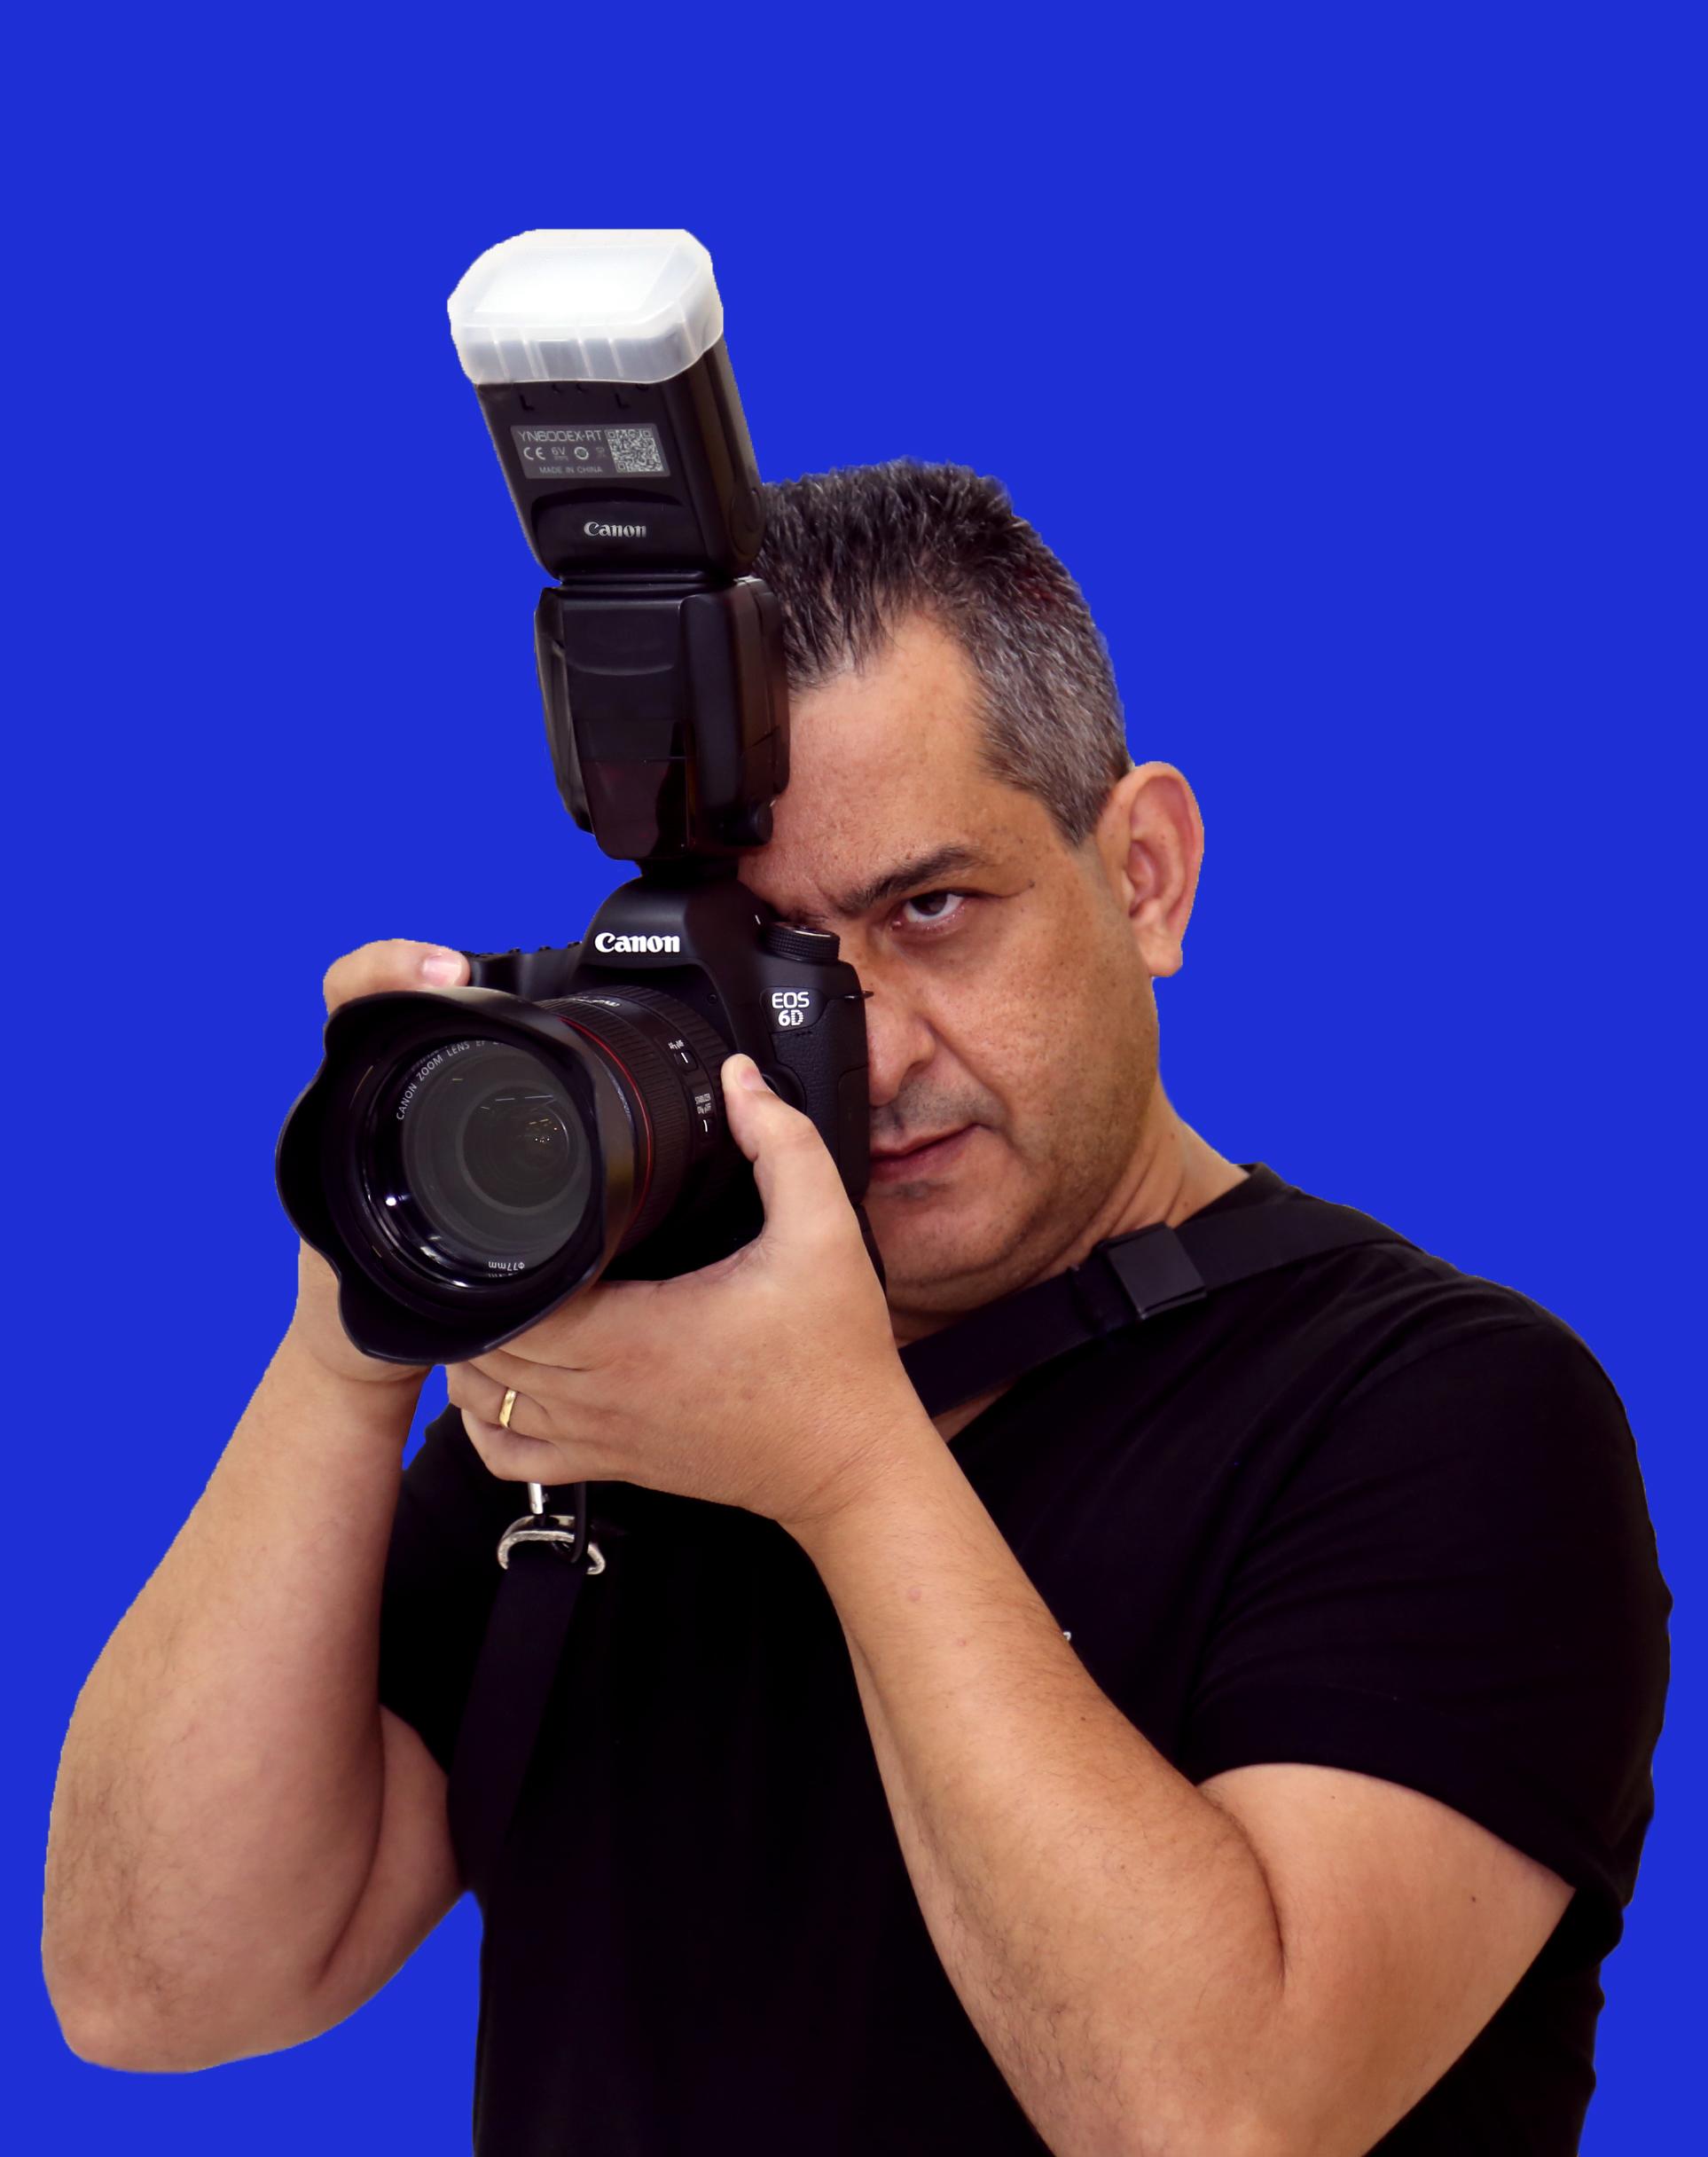 Sobre Estúdio Fotográfico - Fotos - Filmagem - Retrospectiva - Brindes